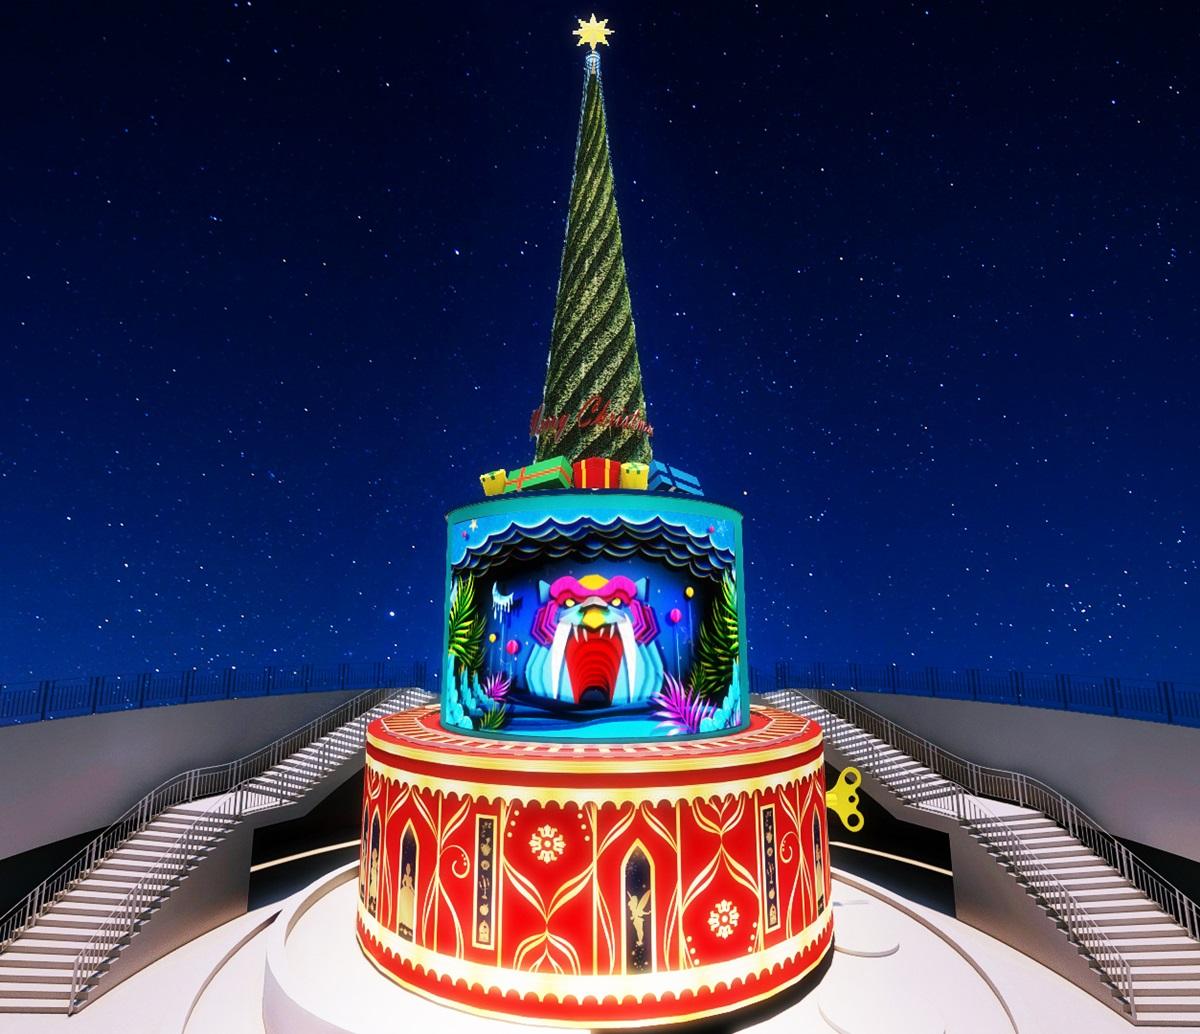 史上最久「新北歡樂耶誕城」!全台最大耶誕樹變身「迪士尼公主」長達52天都可拍